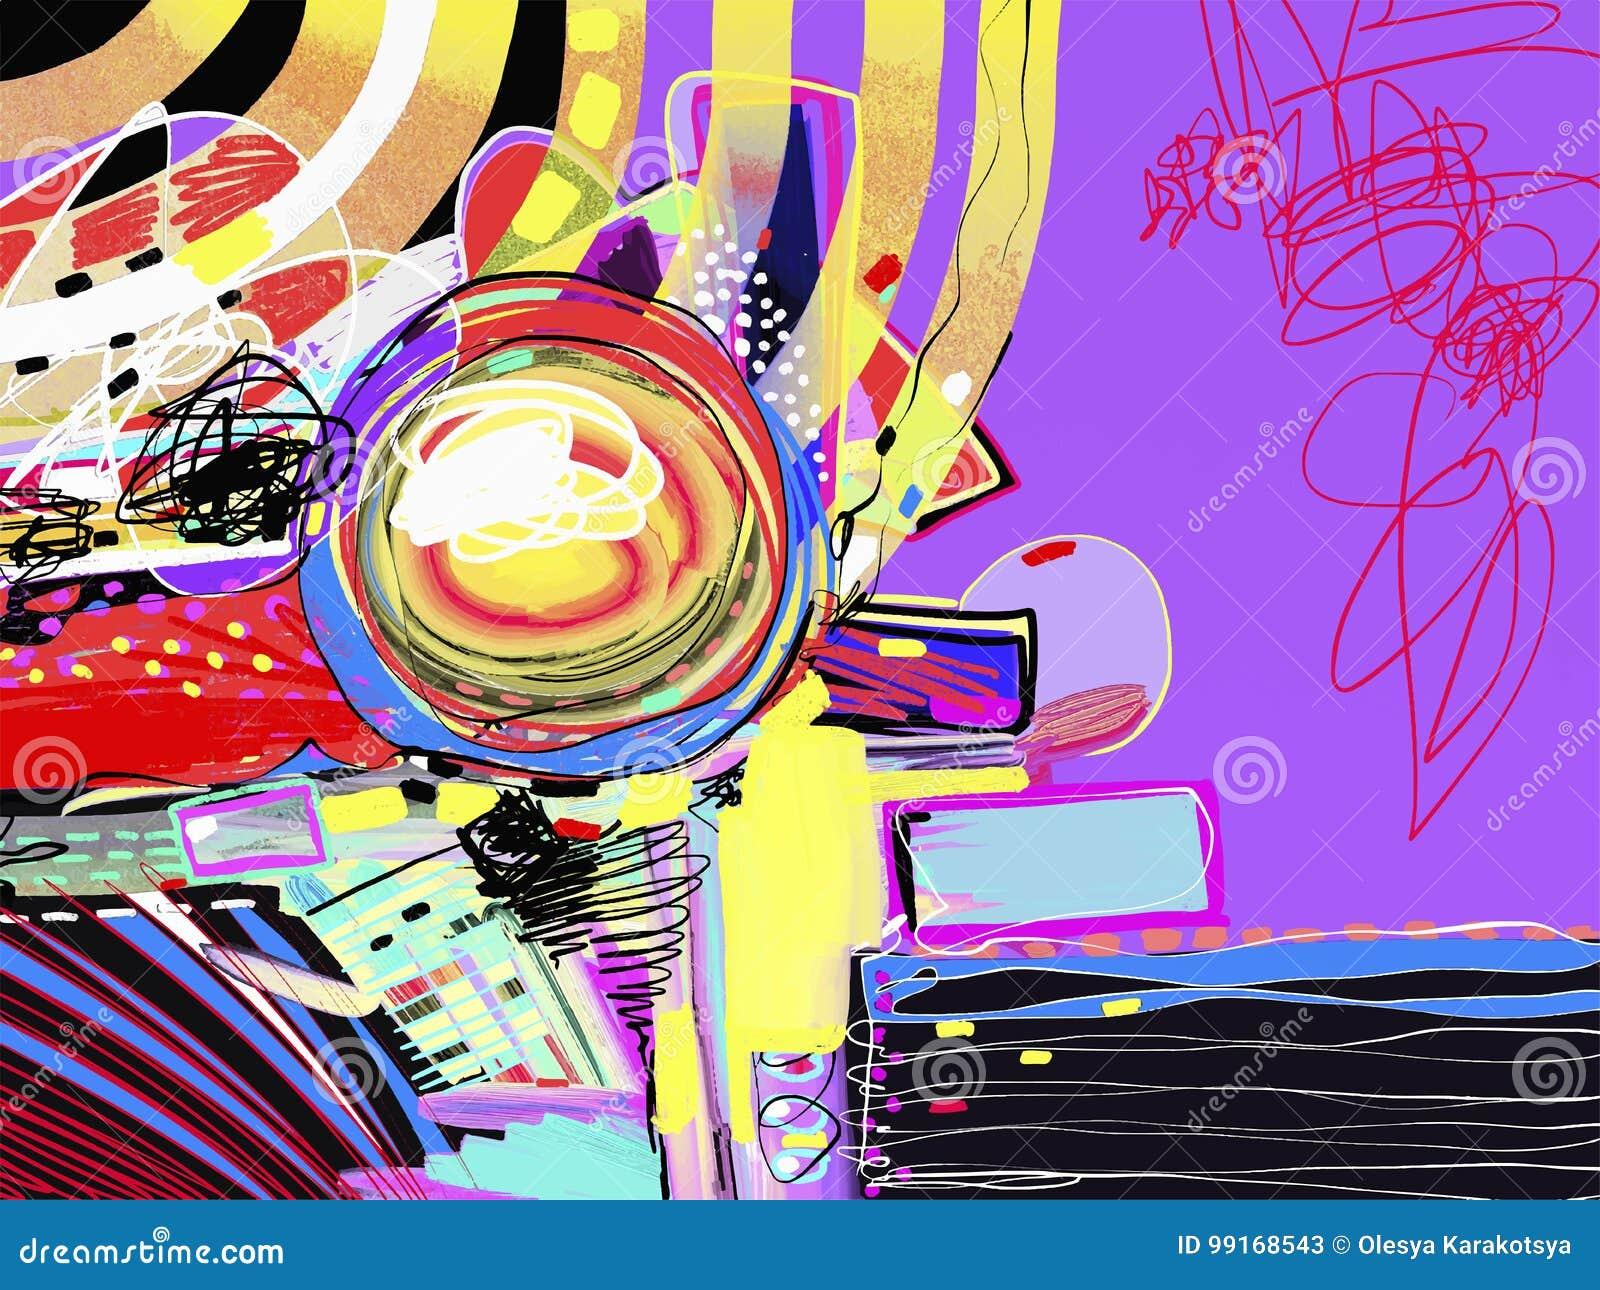 Ursprüngliche Digitale Abstrakte Malerei, Zeitgenössische ...